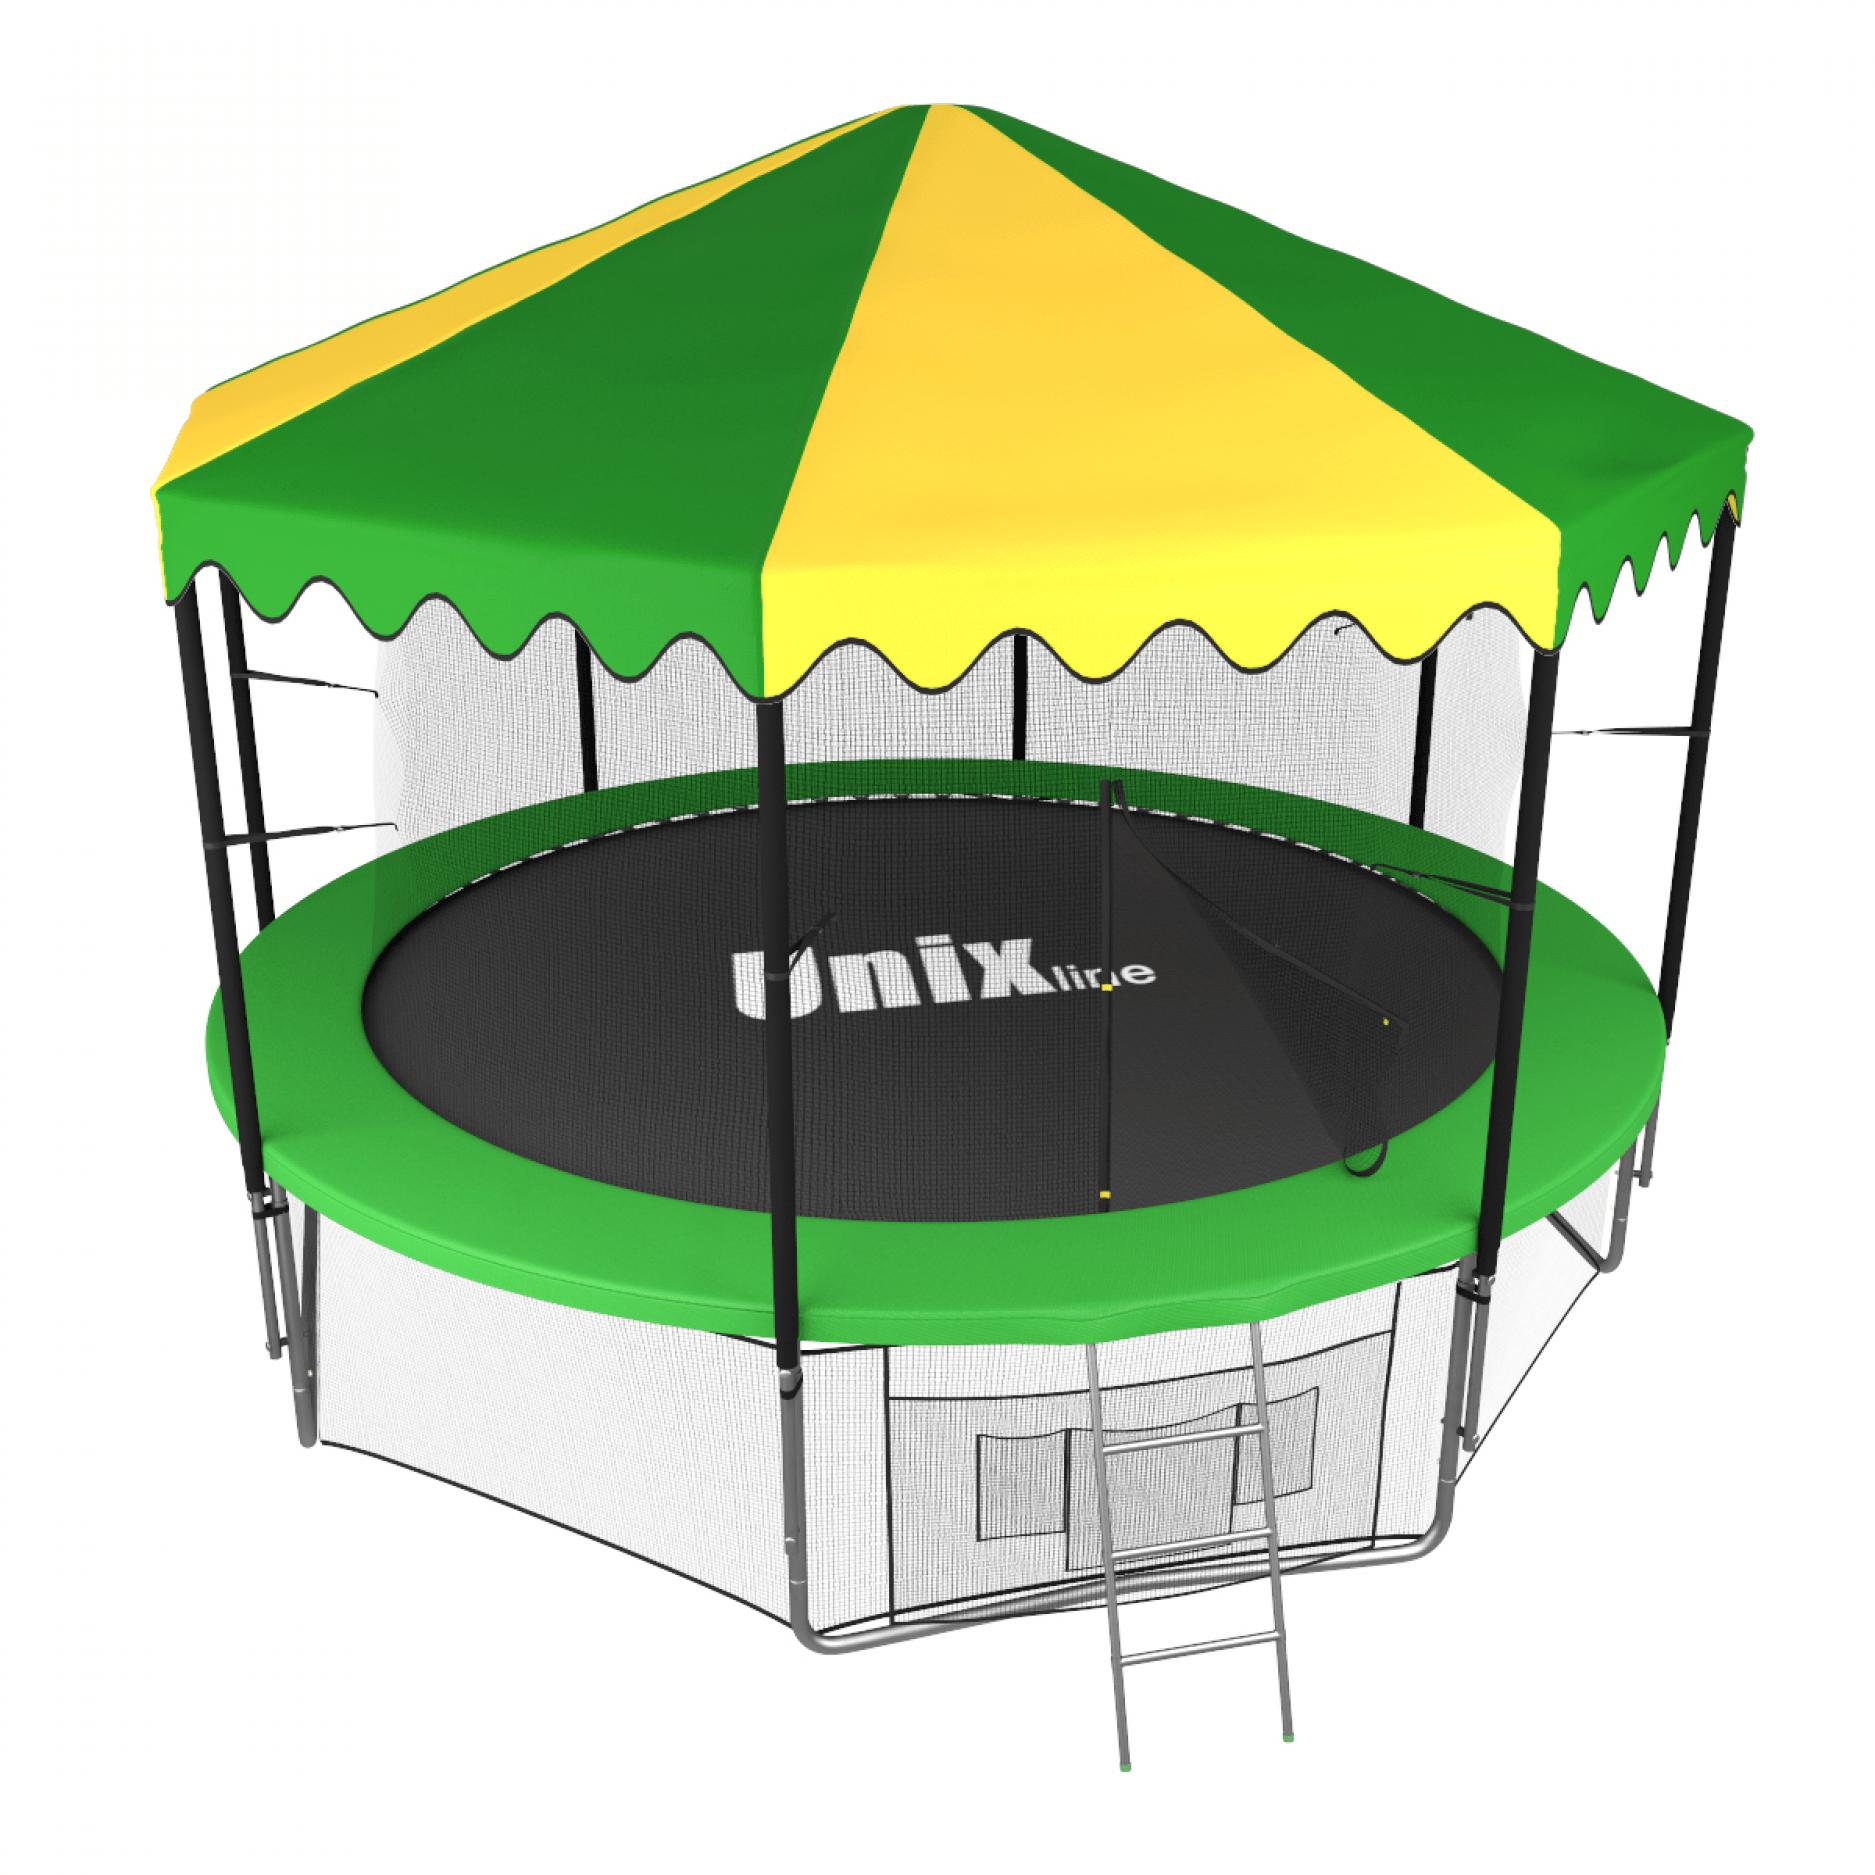 Батут UNIX line 12 ft inside с крышей (зеленый)